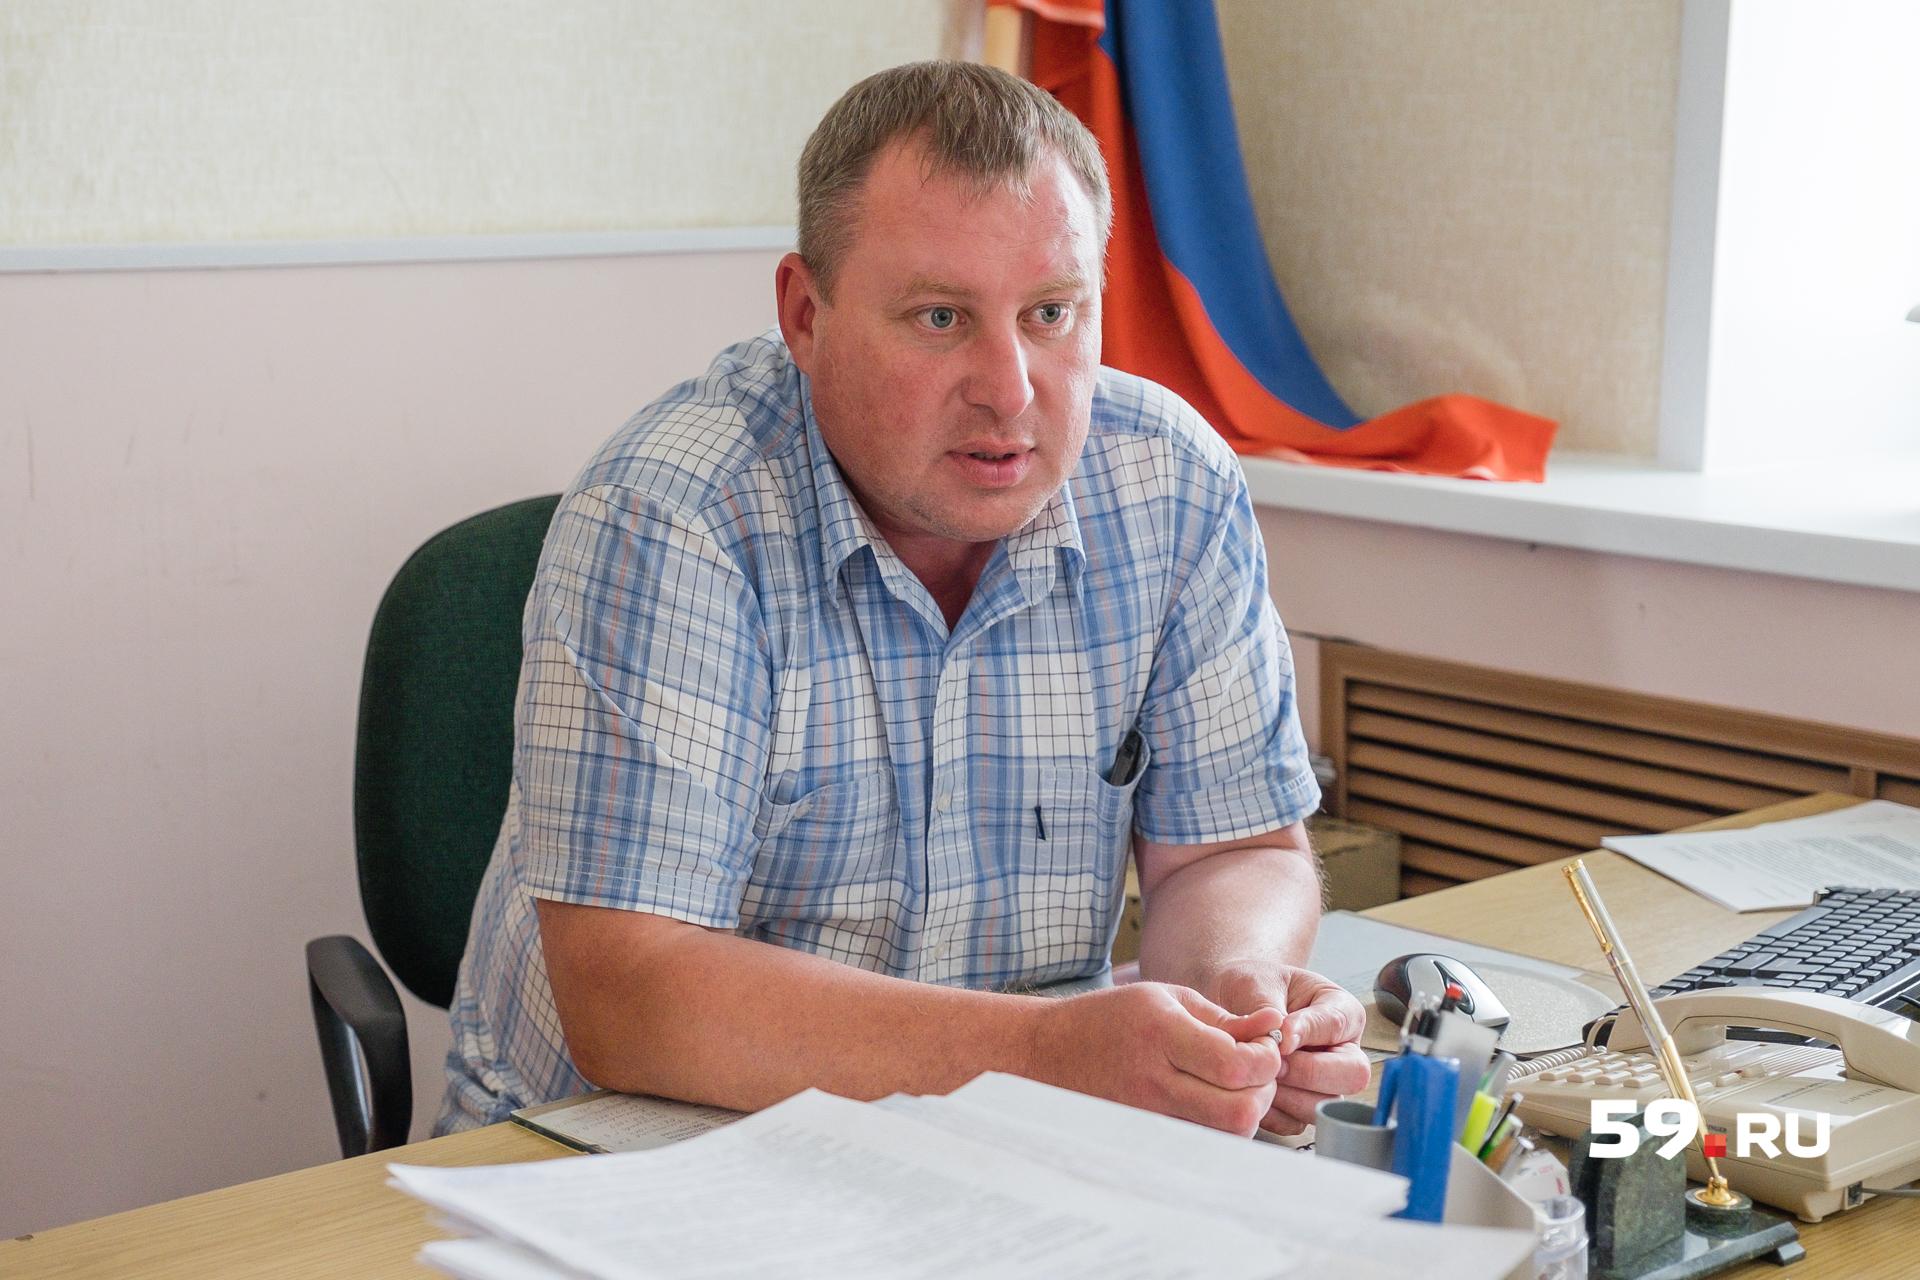 Григорий Хатовицкий считает, что фермерское хозяйство могло бы стать спасением для поселка